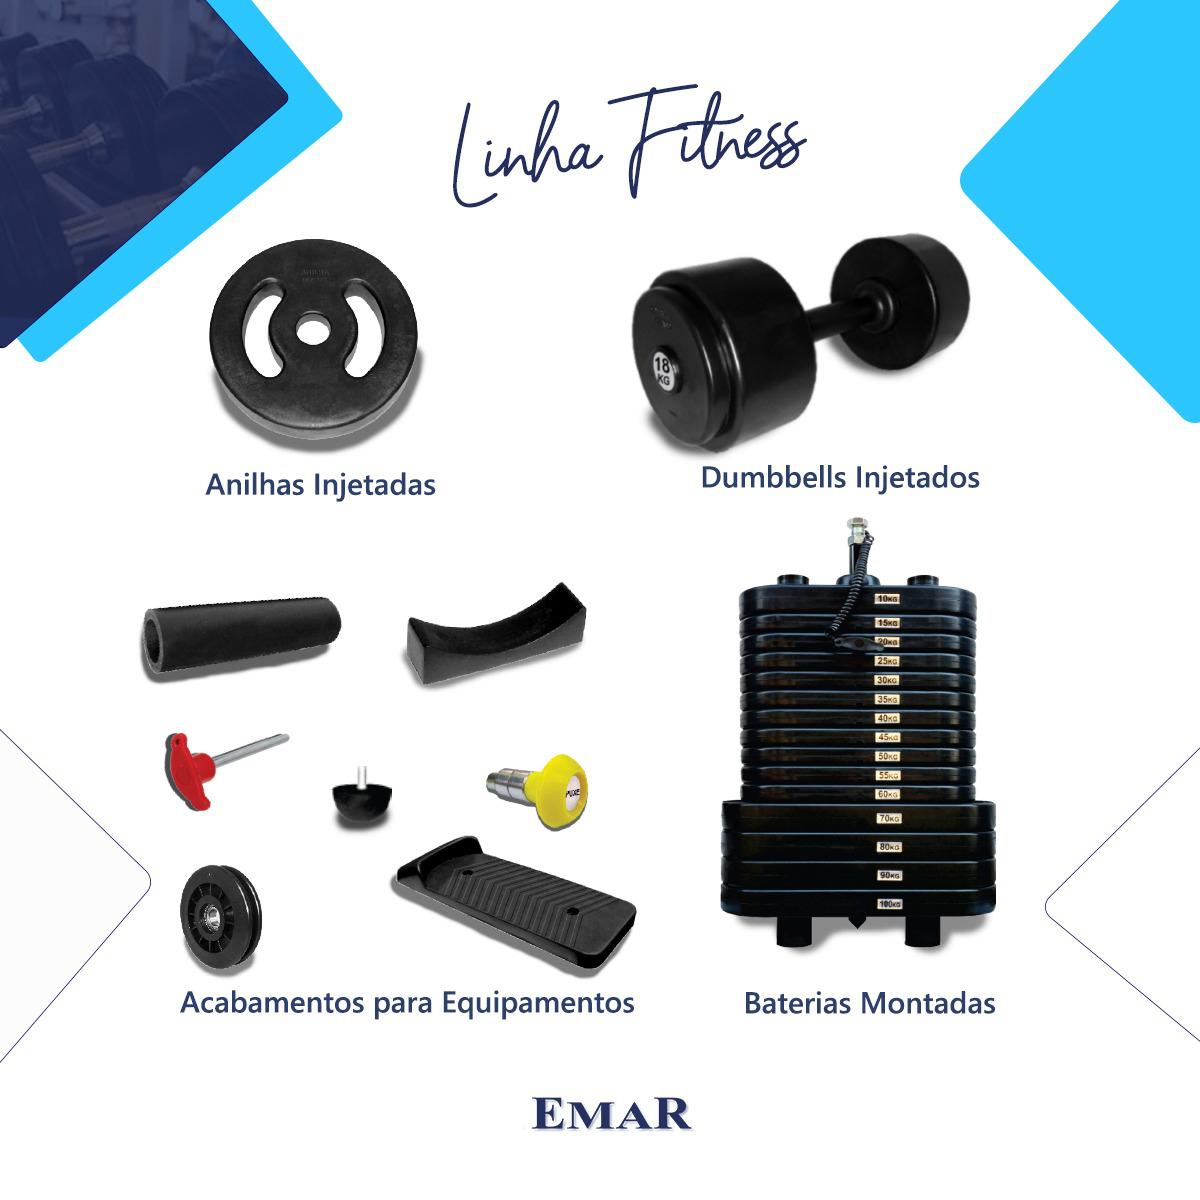 """Kit com 2 Anilhas Injetadas de 25 kg cada - Furo Standard 1.1/8"""" Revestidas com Grossa Camada de PVC"""